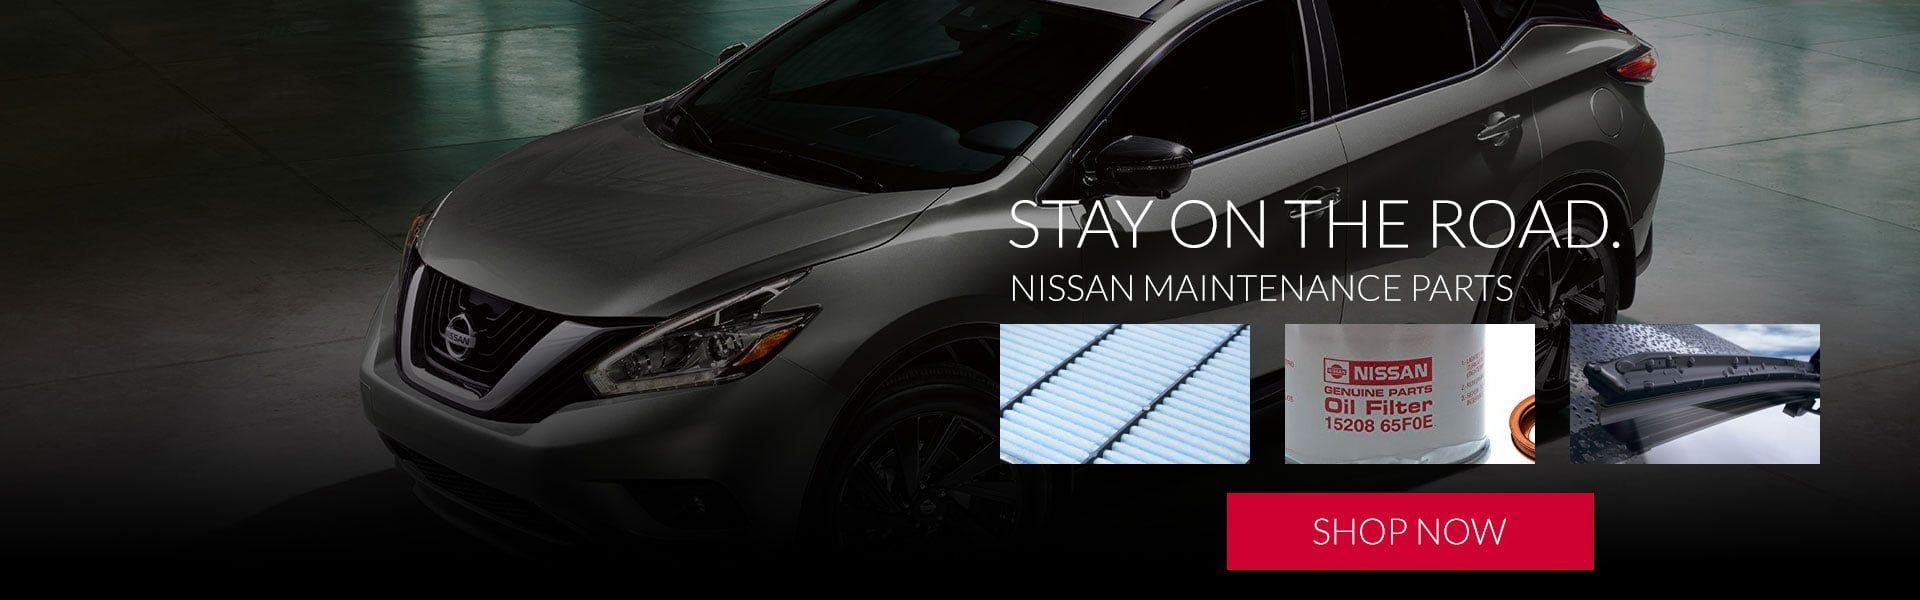 Nissan Maintenance Parts